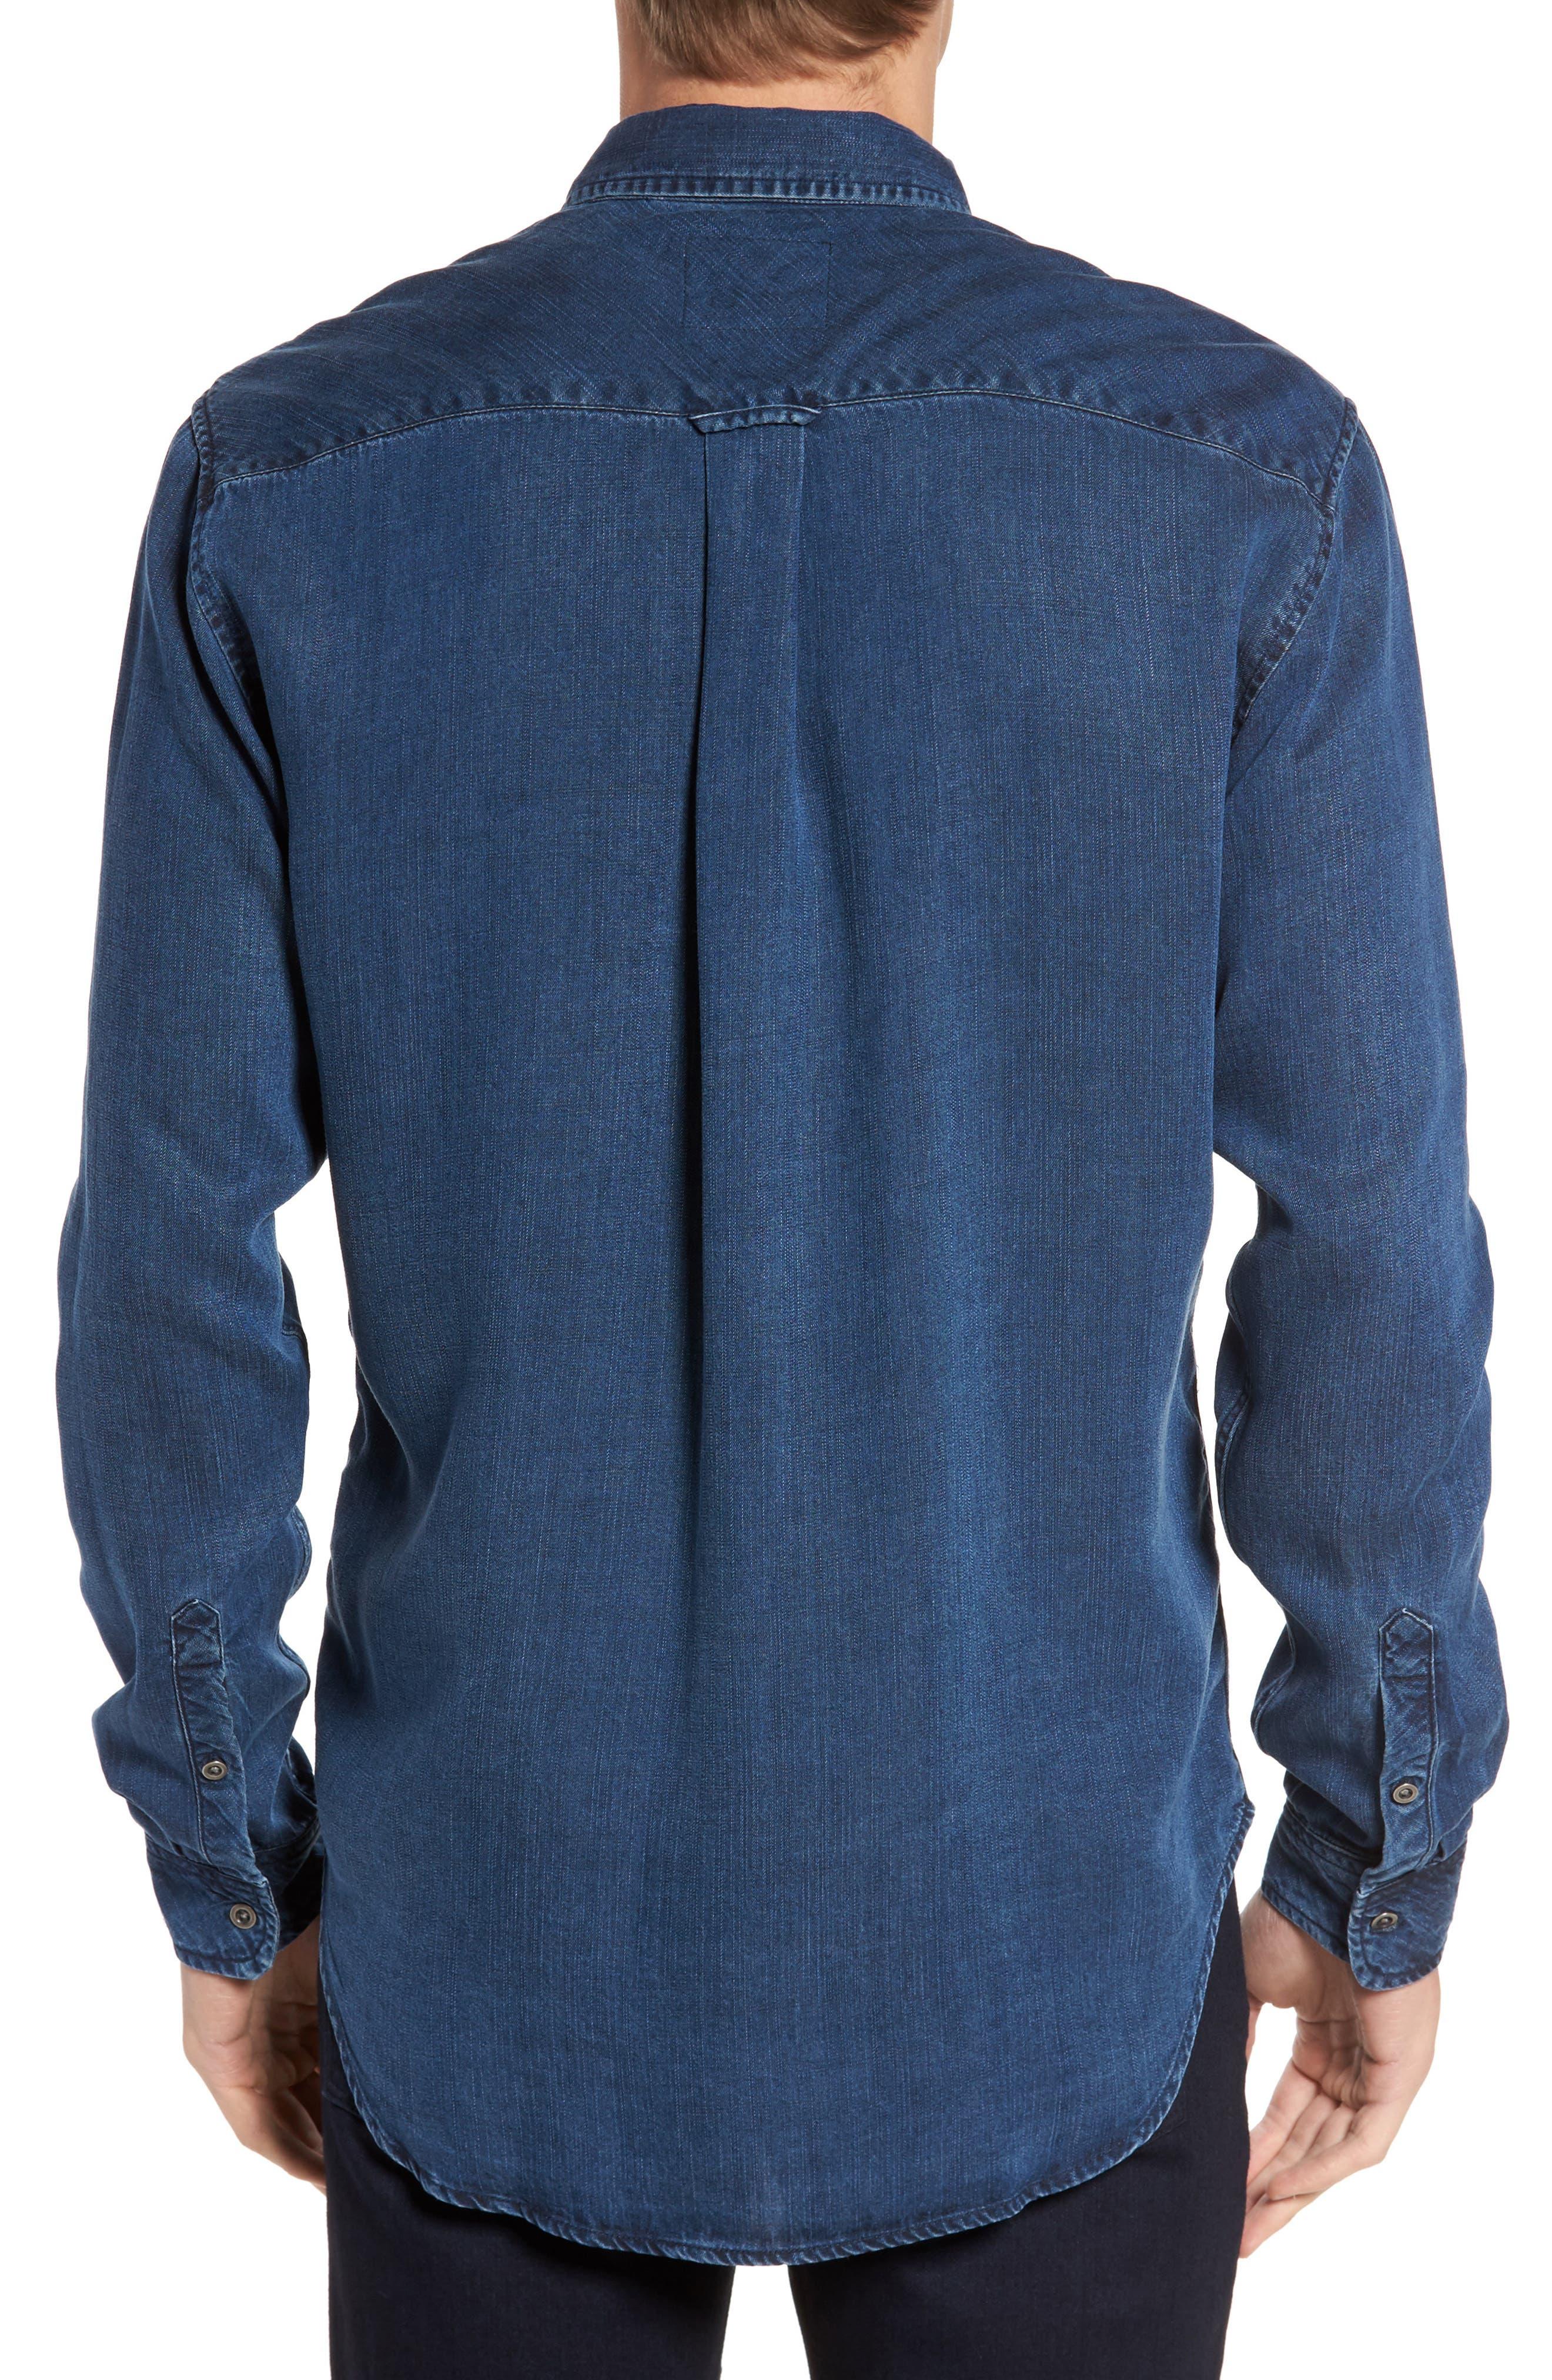 Beckford Denim Sport Shirt,                             Alternate thumbnail 2, color,                             447